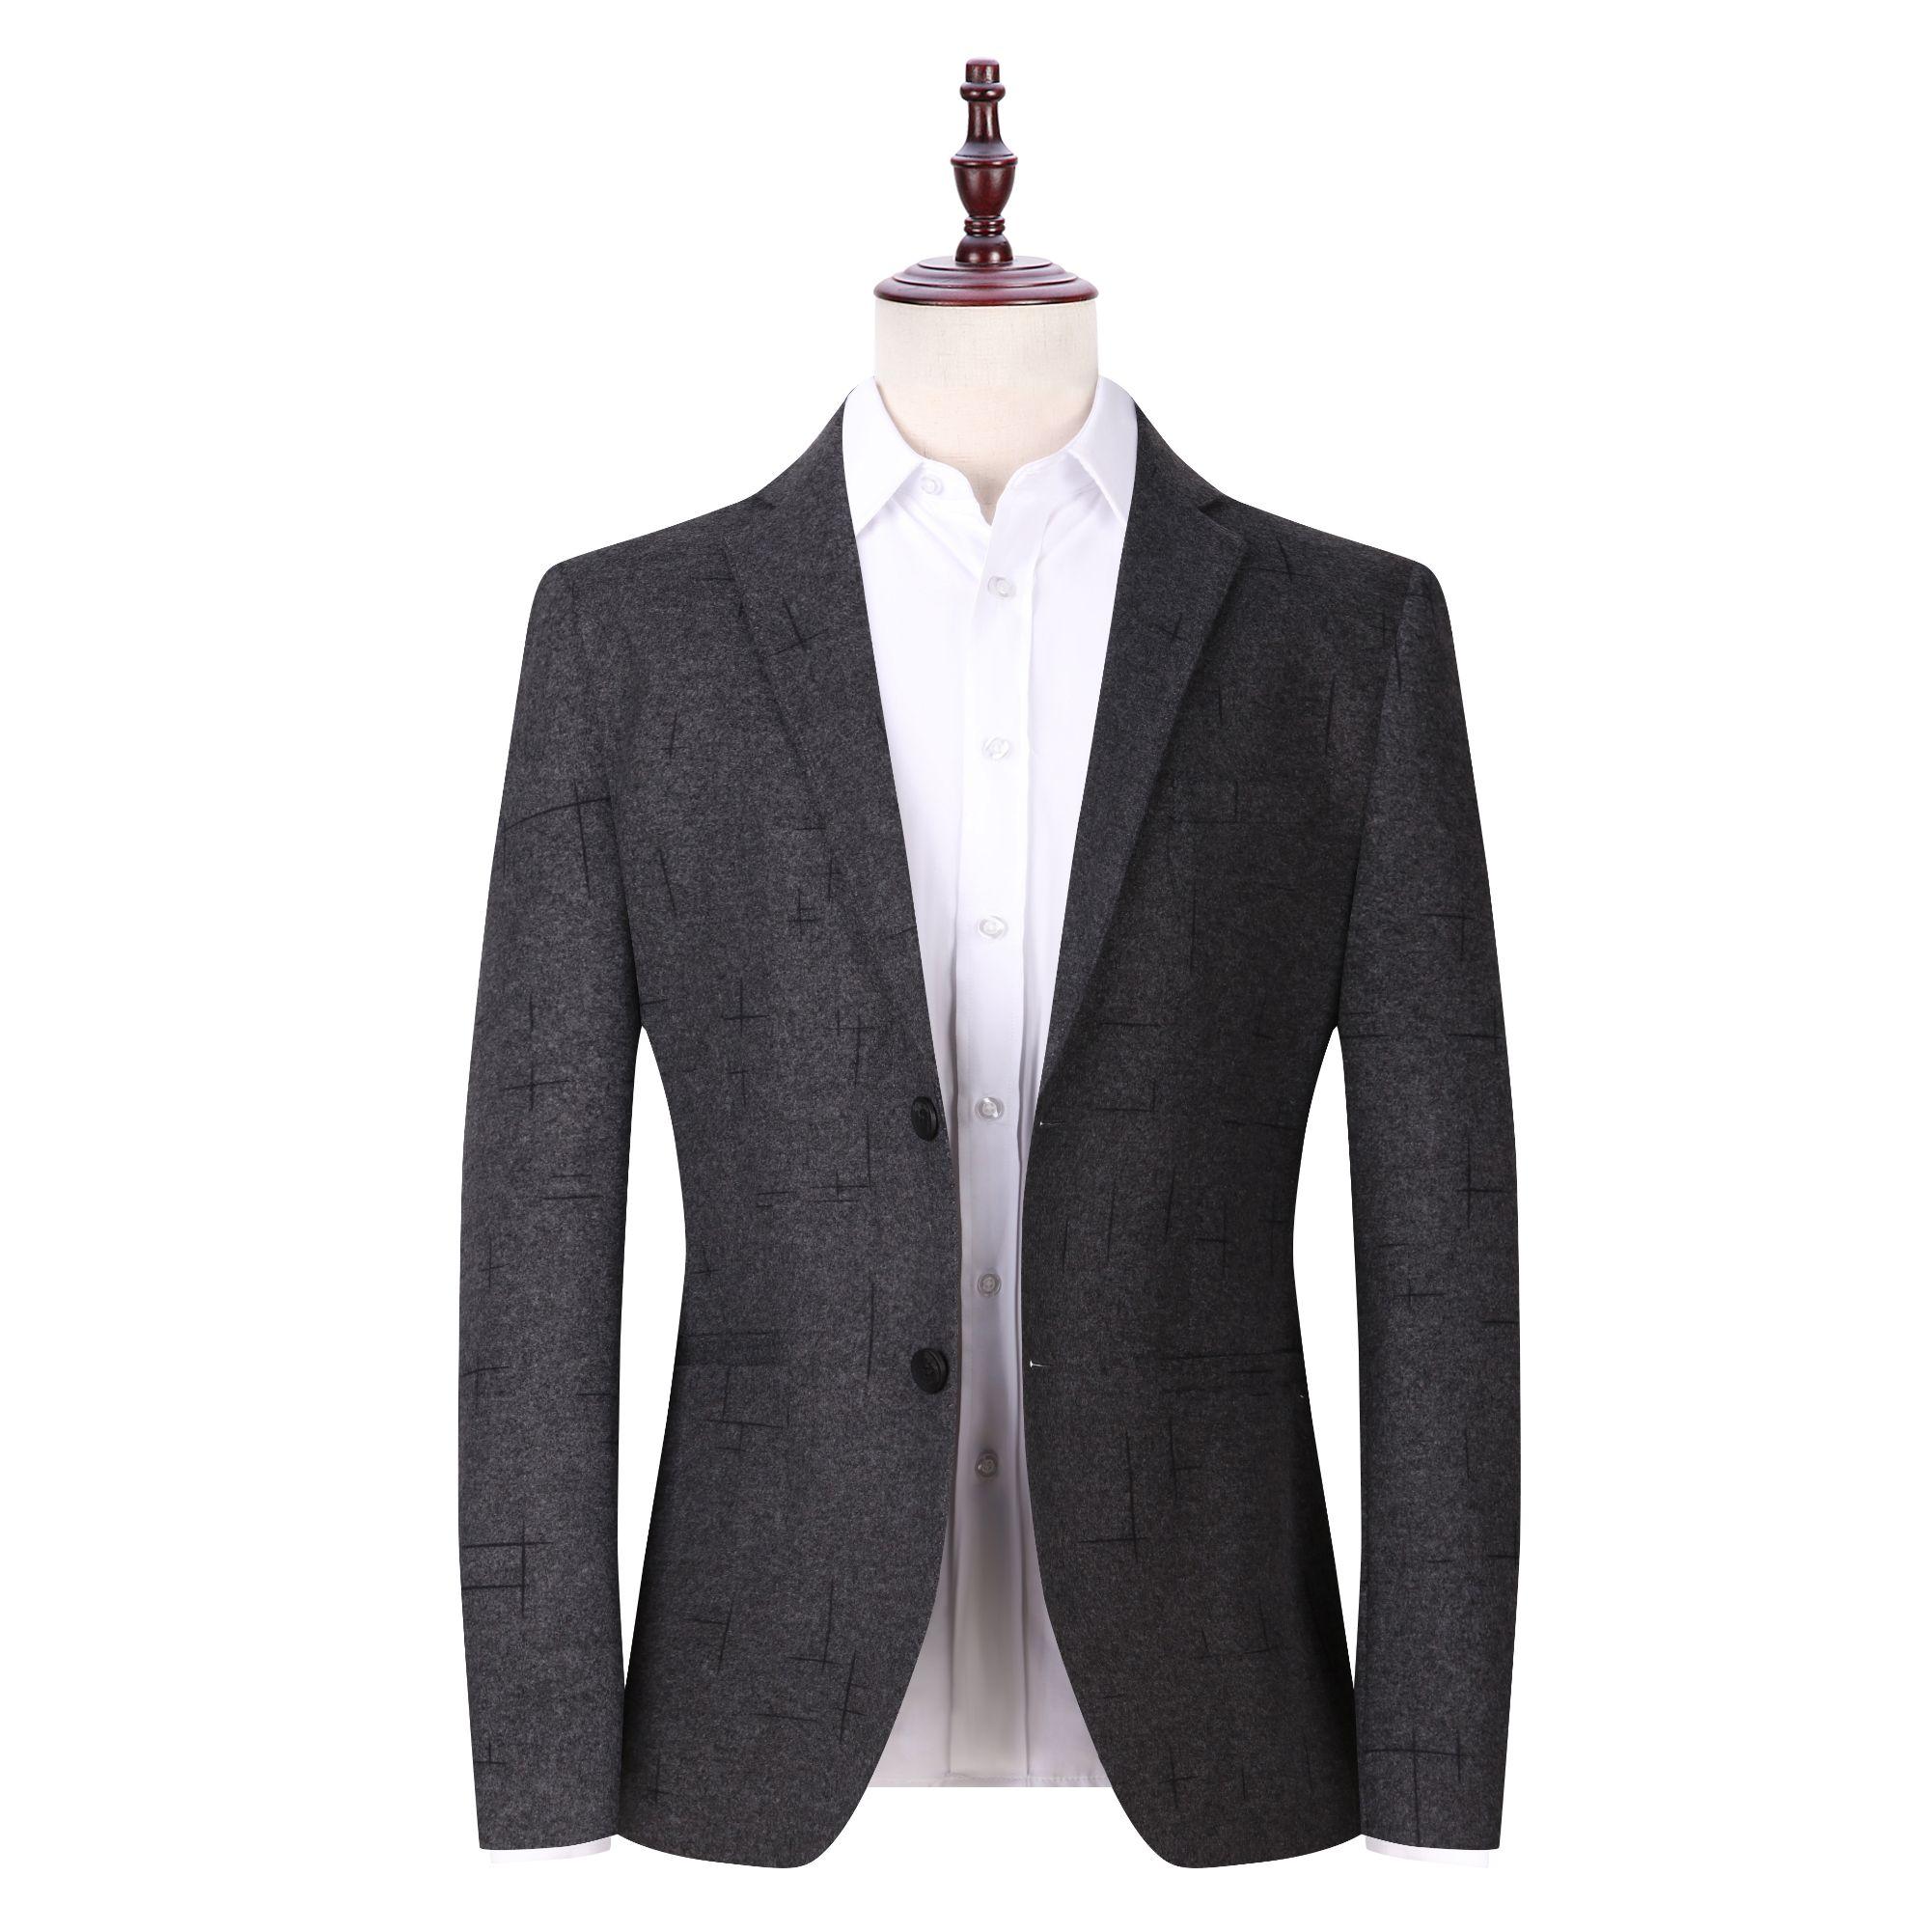 新款西装男春秋男式休闲小西装男士西服纯色韩版西装外套